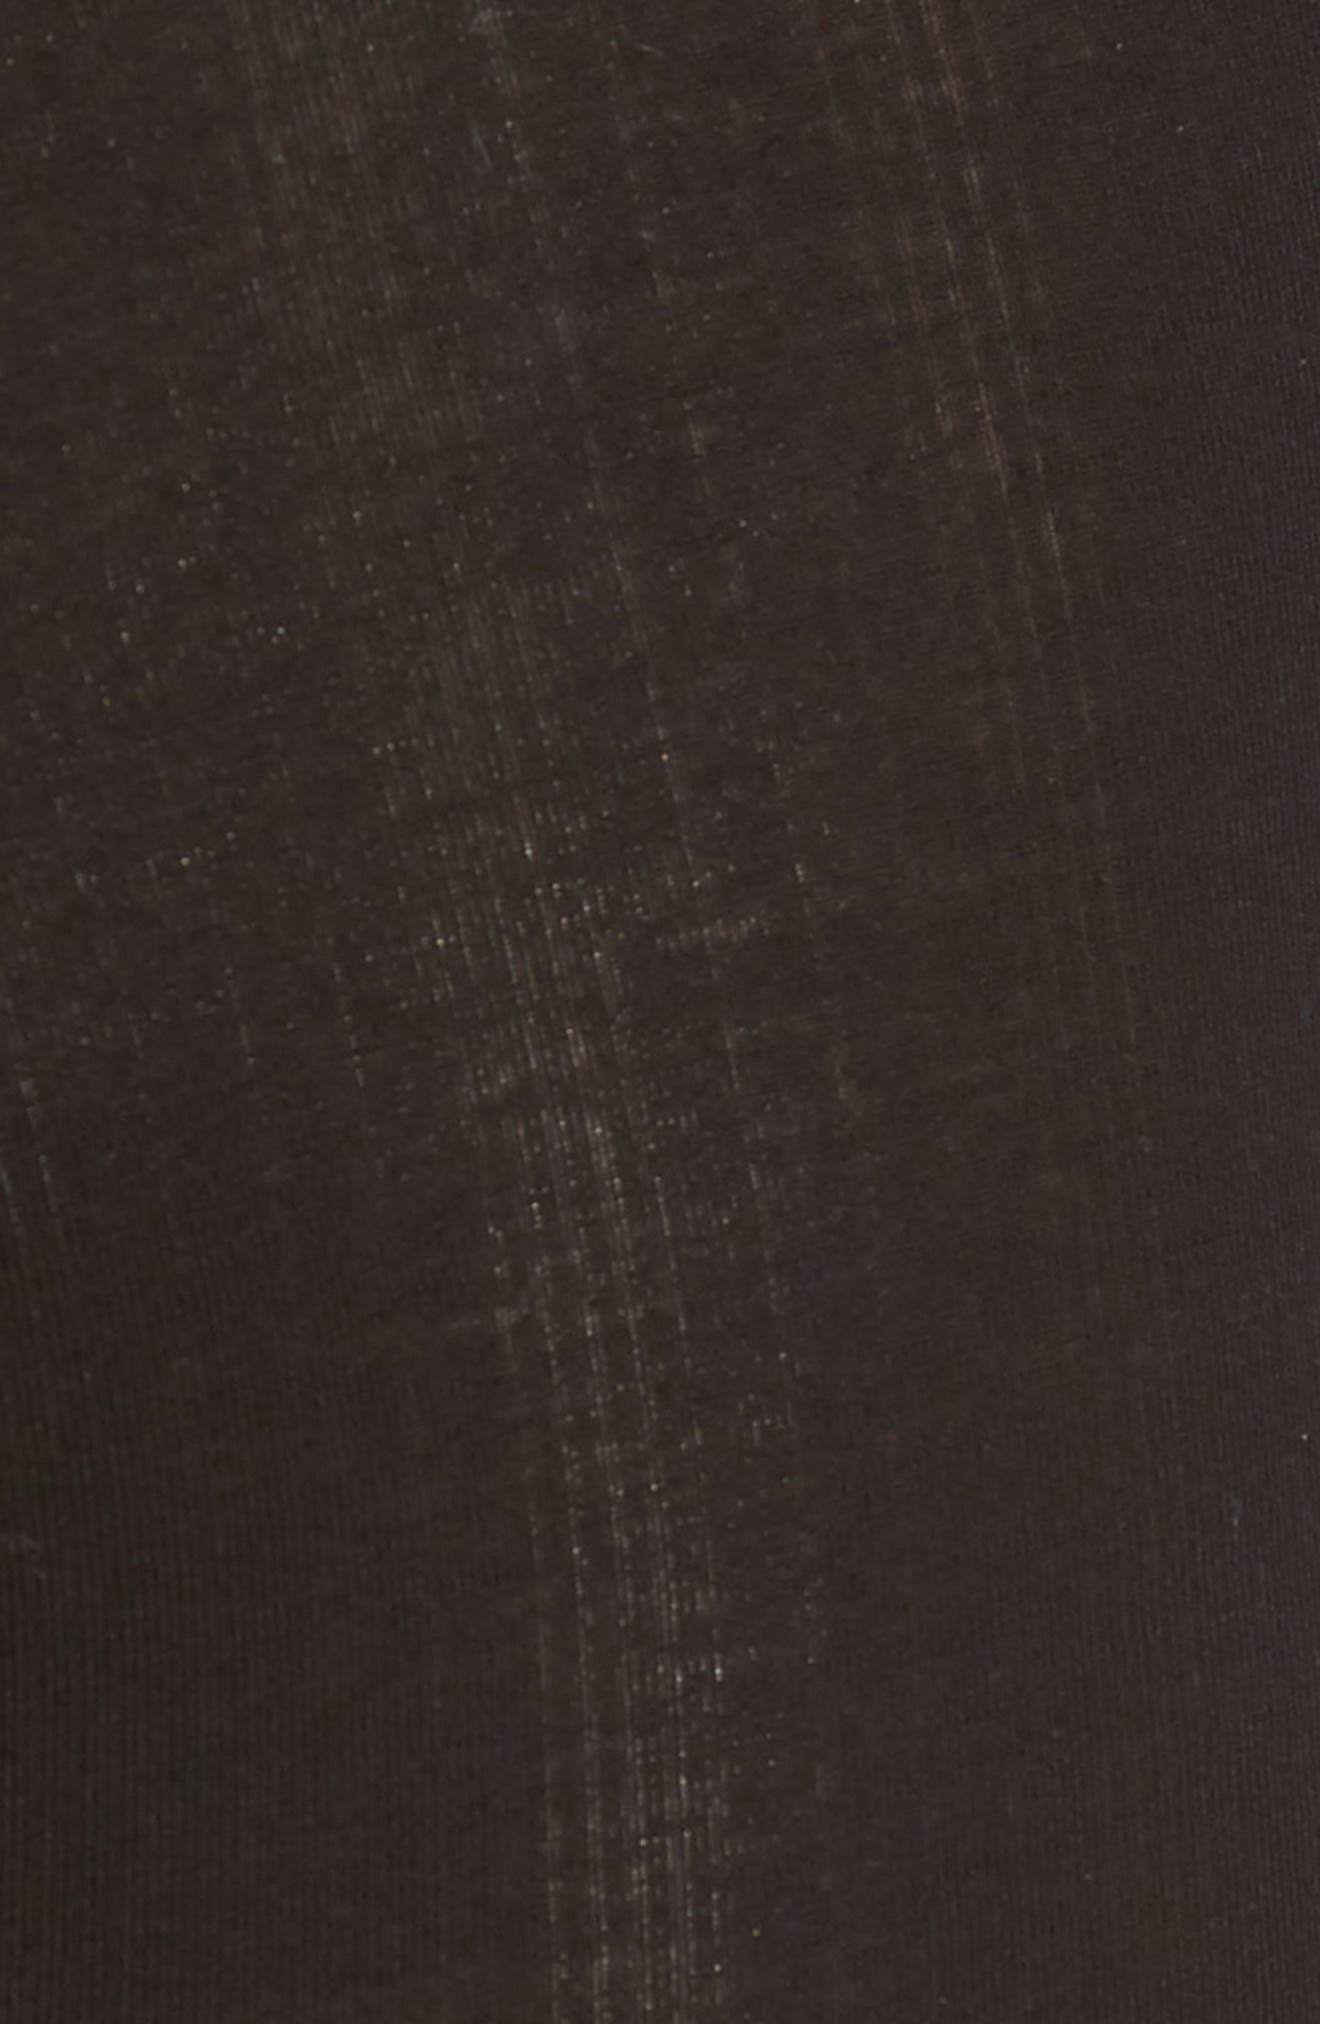 2-Pack Superfine Boxer Briefs,                             Alternate thumbnail 6, color,                             001